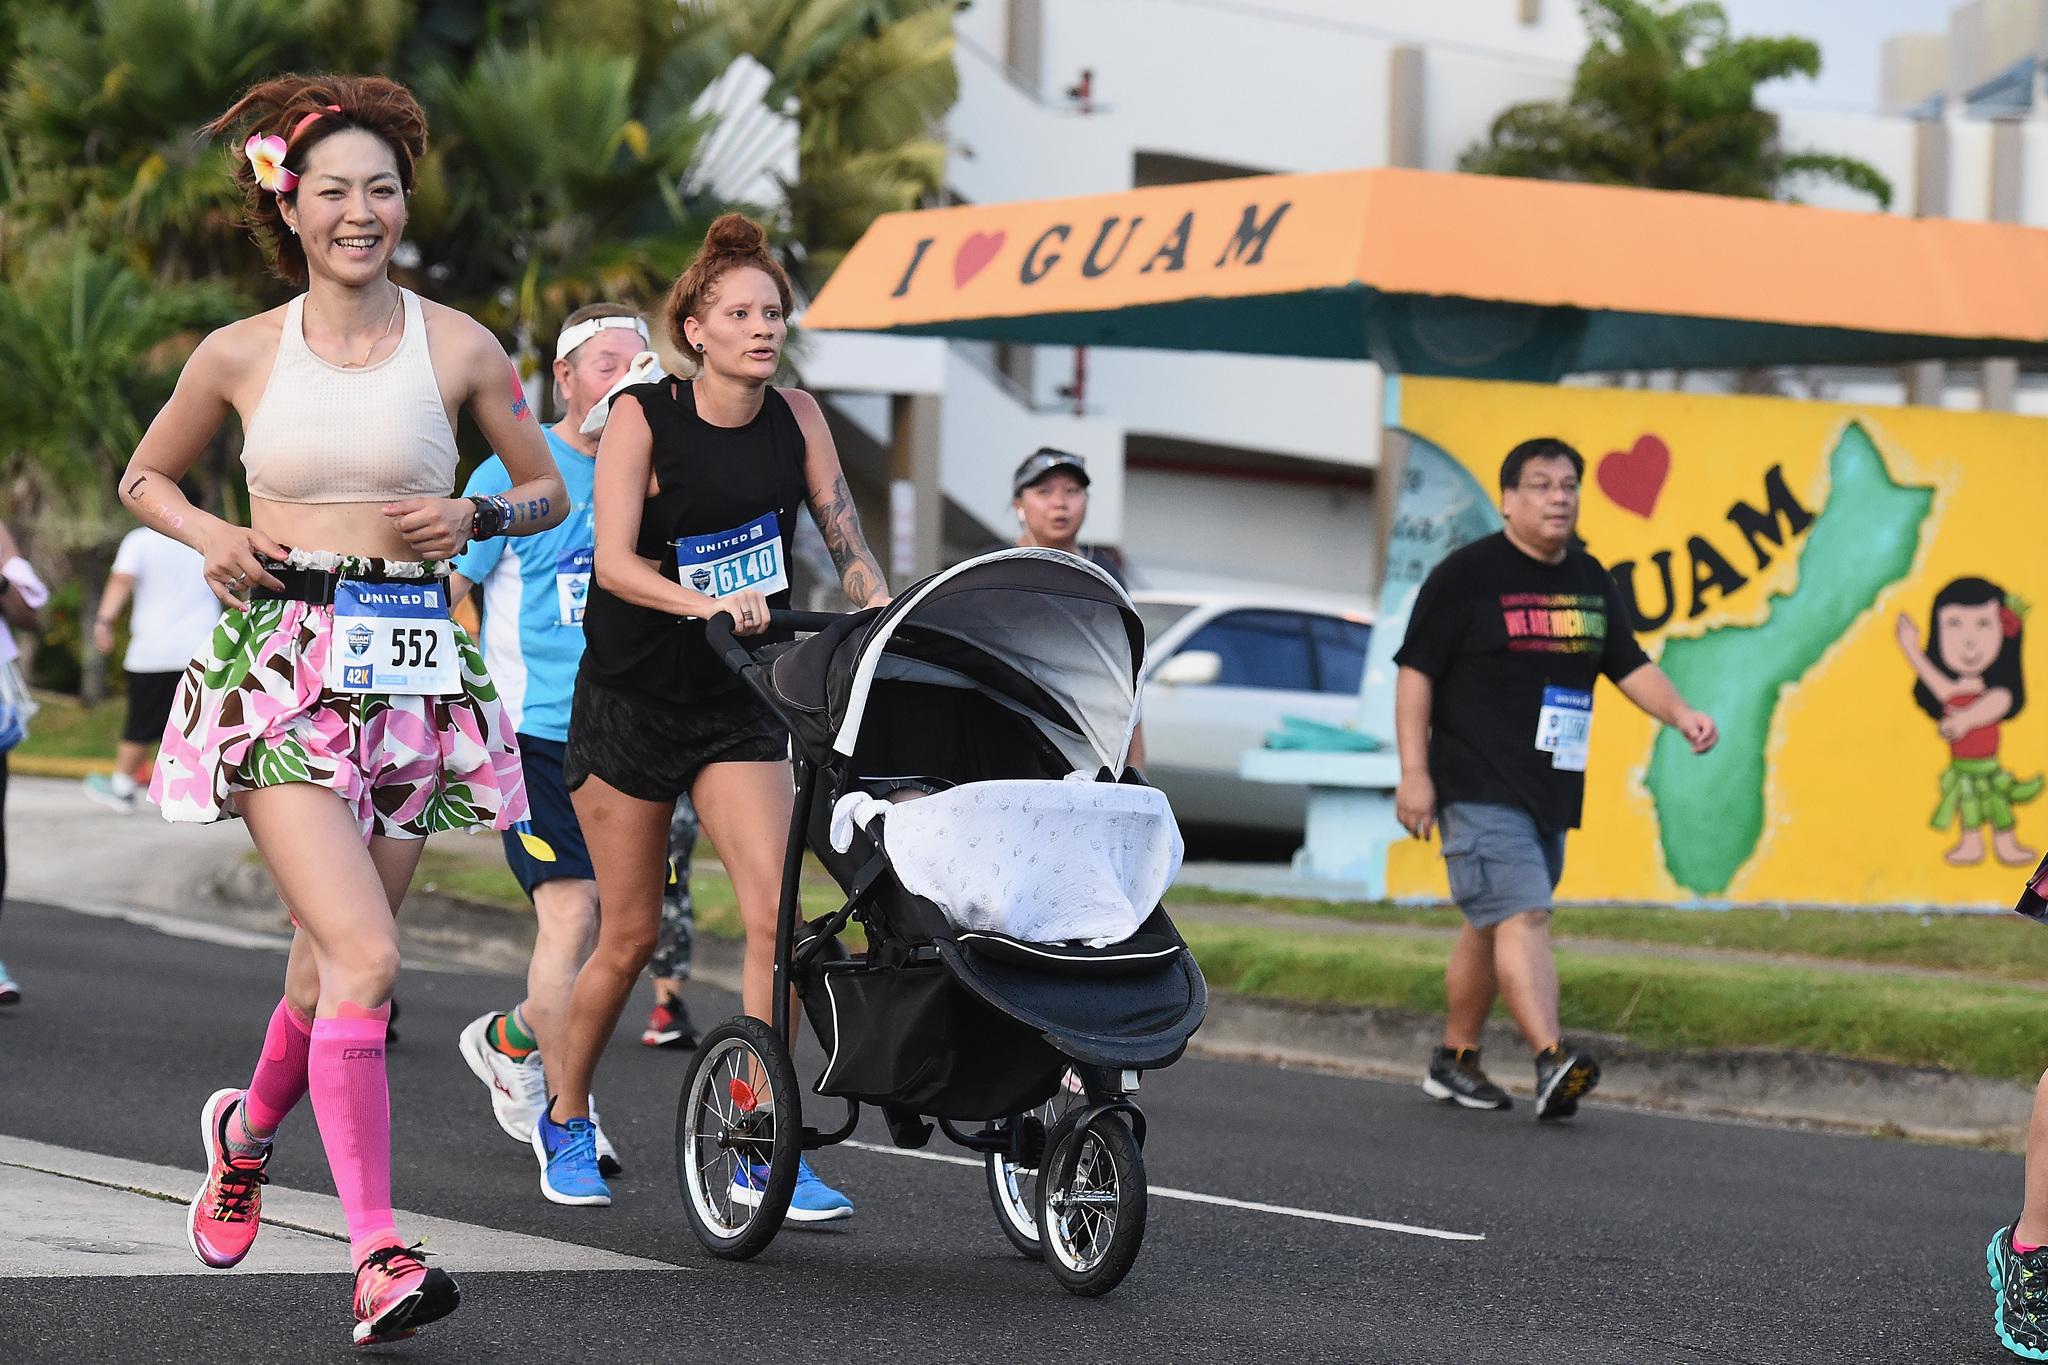 유나이티드 괌 마라톤 2017에는 19개국에서 4335명이 참가했다. [괌 관광청]